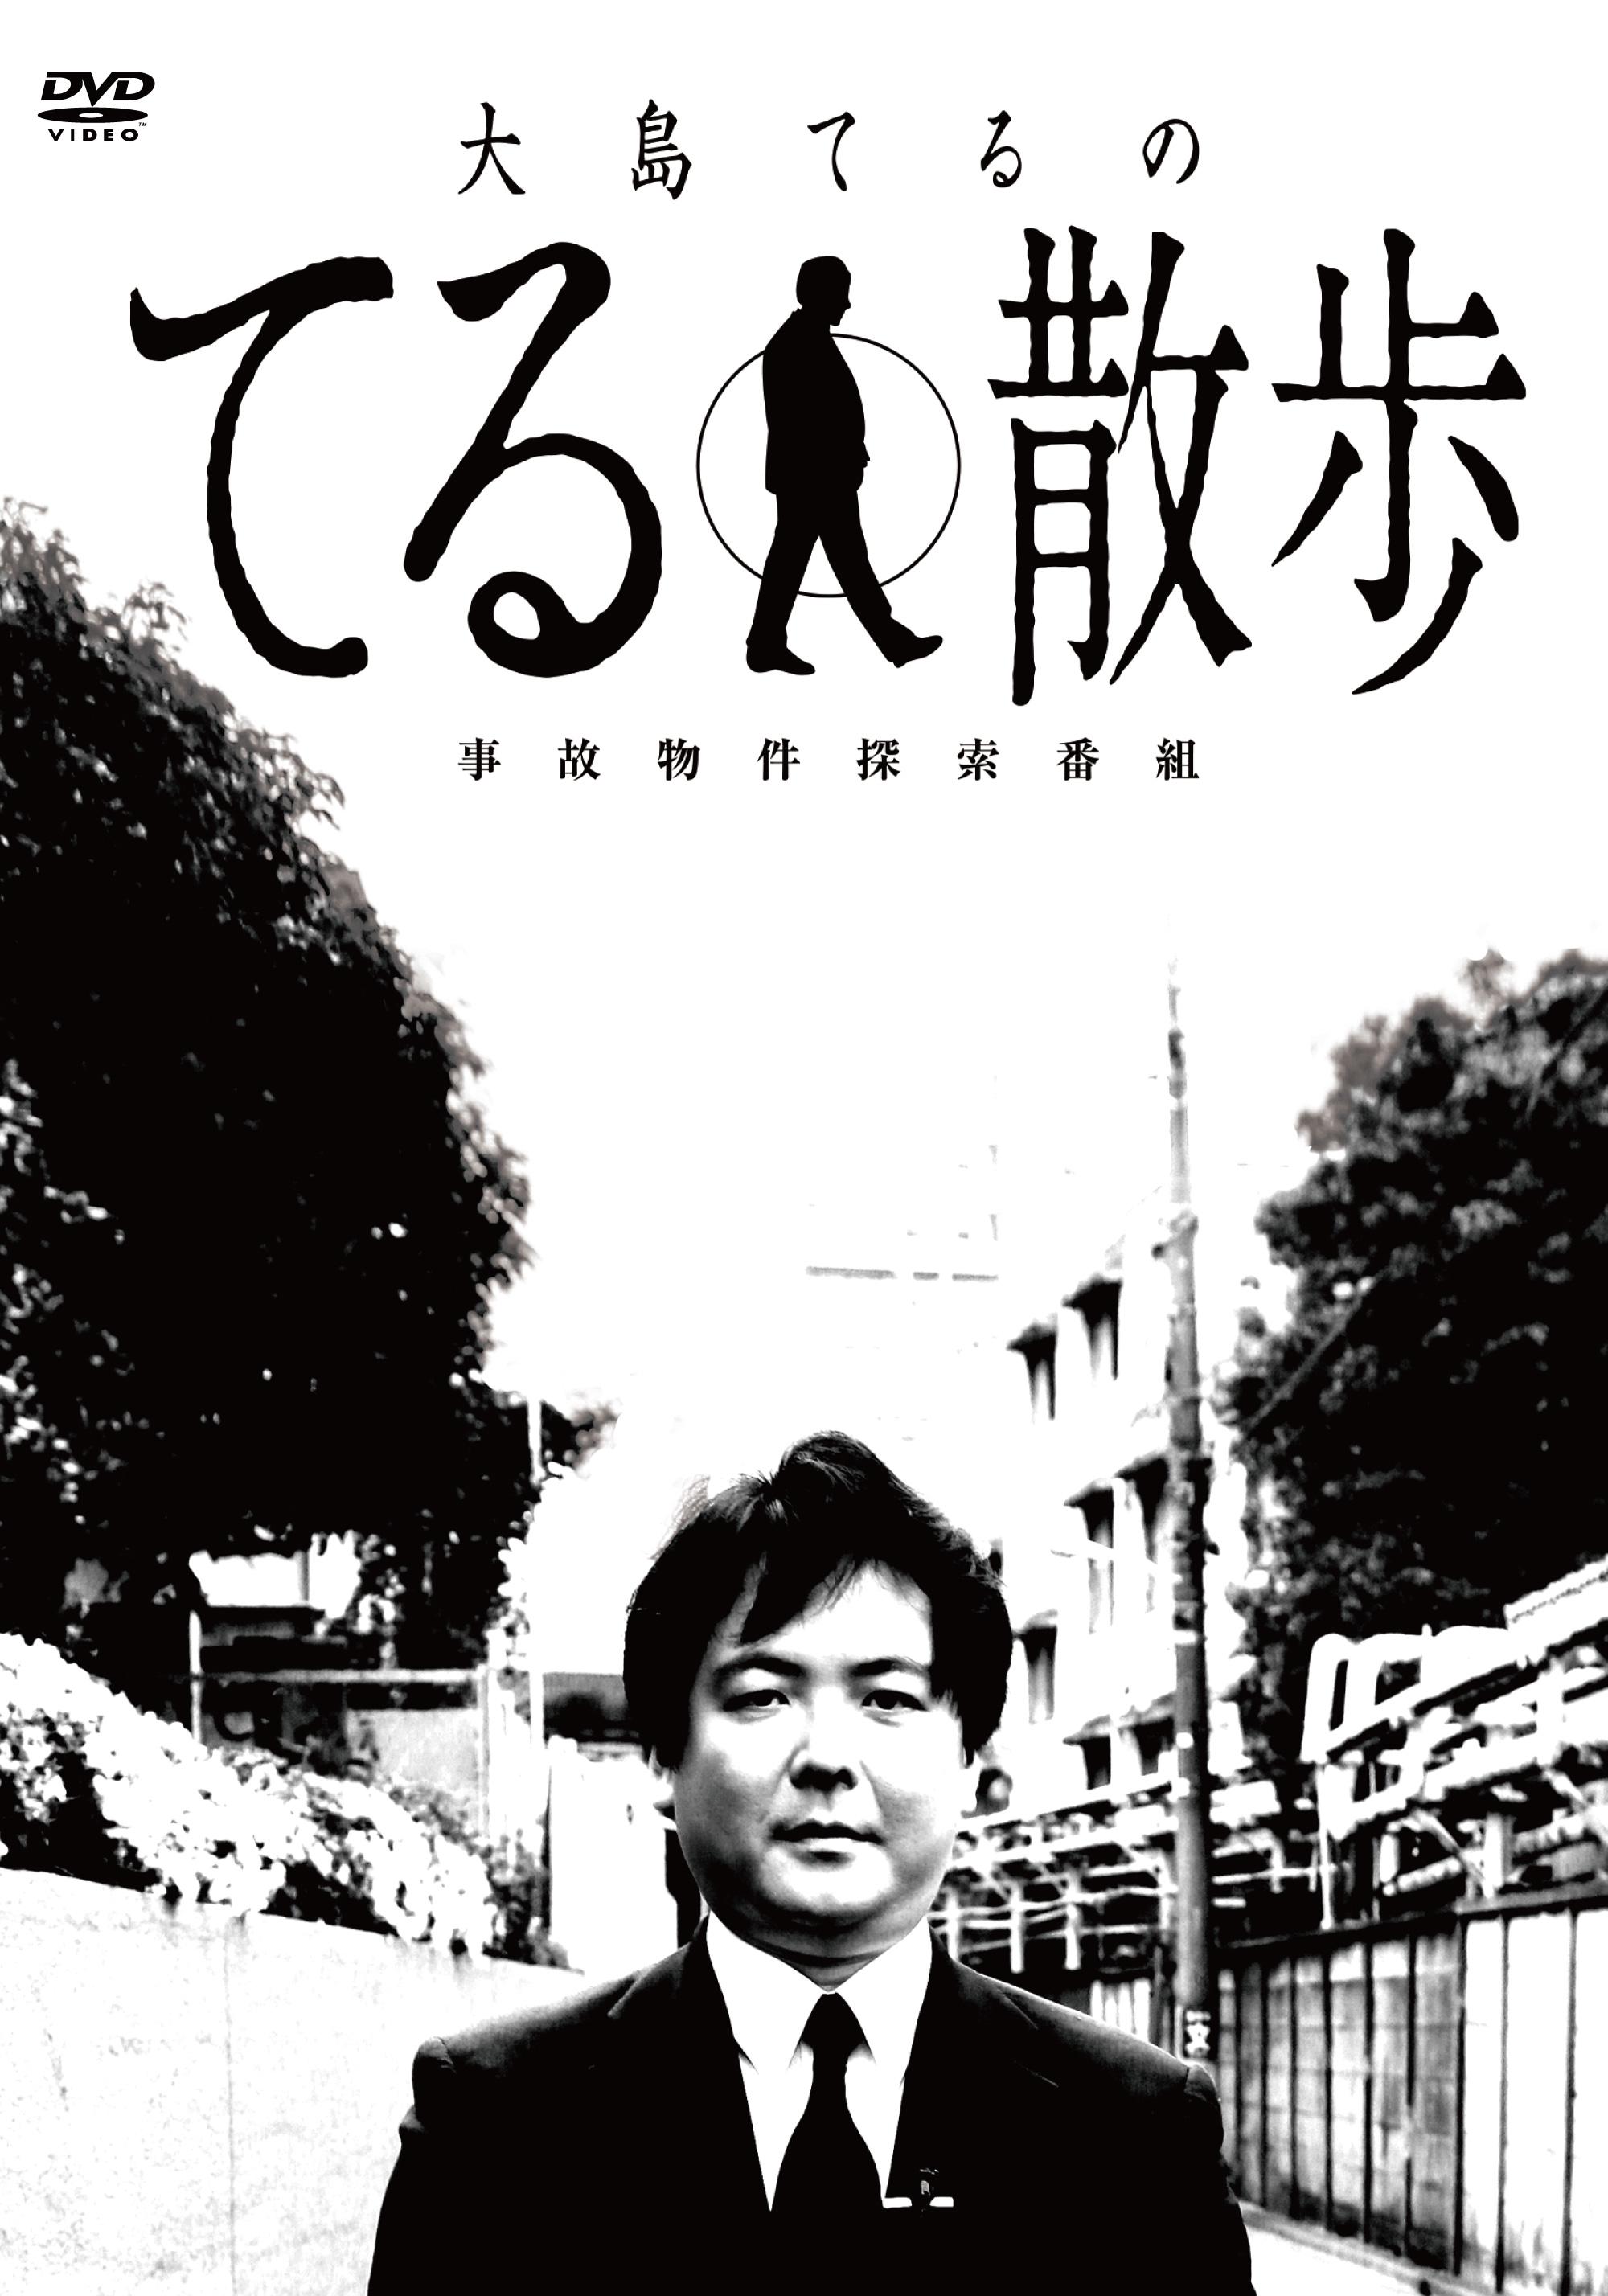 【DVD】事故物件探索番組「大島てるのてる散歩」 2019年4月23日(火) 発売